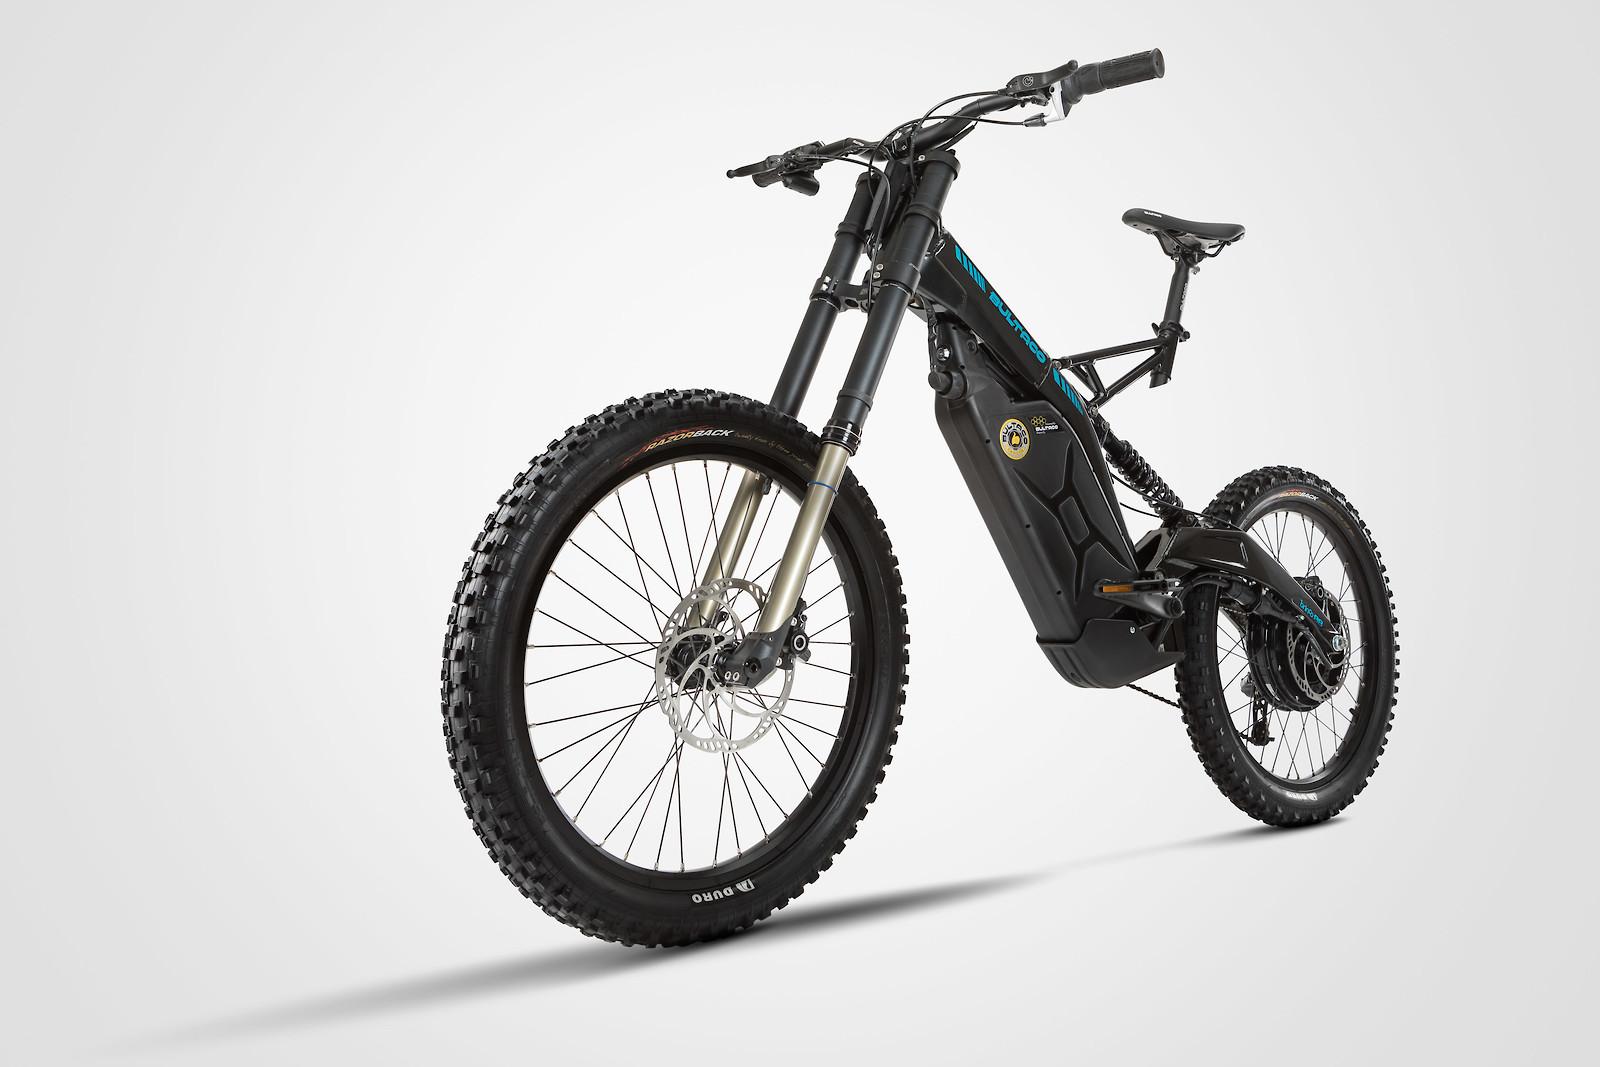 3b4e87ca52e Bultaco Brinco RB - Electric Bikes - Motocross Forums / Message ...